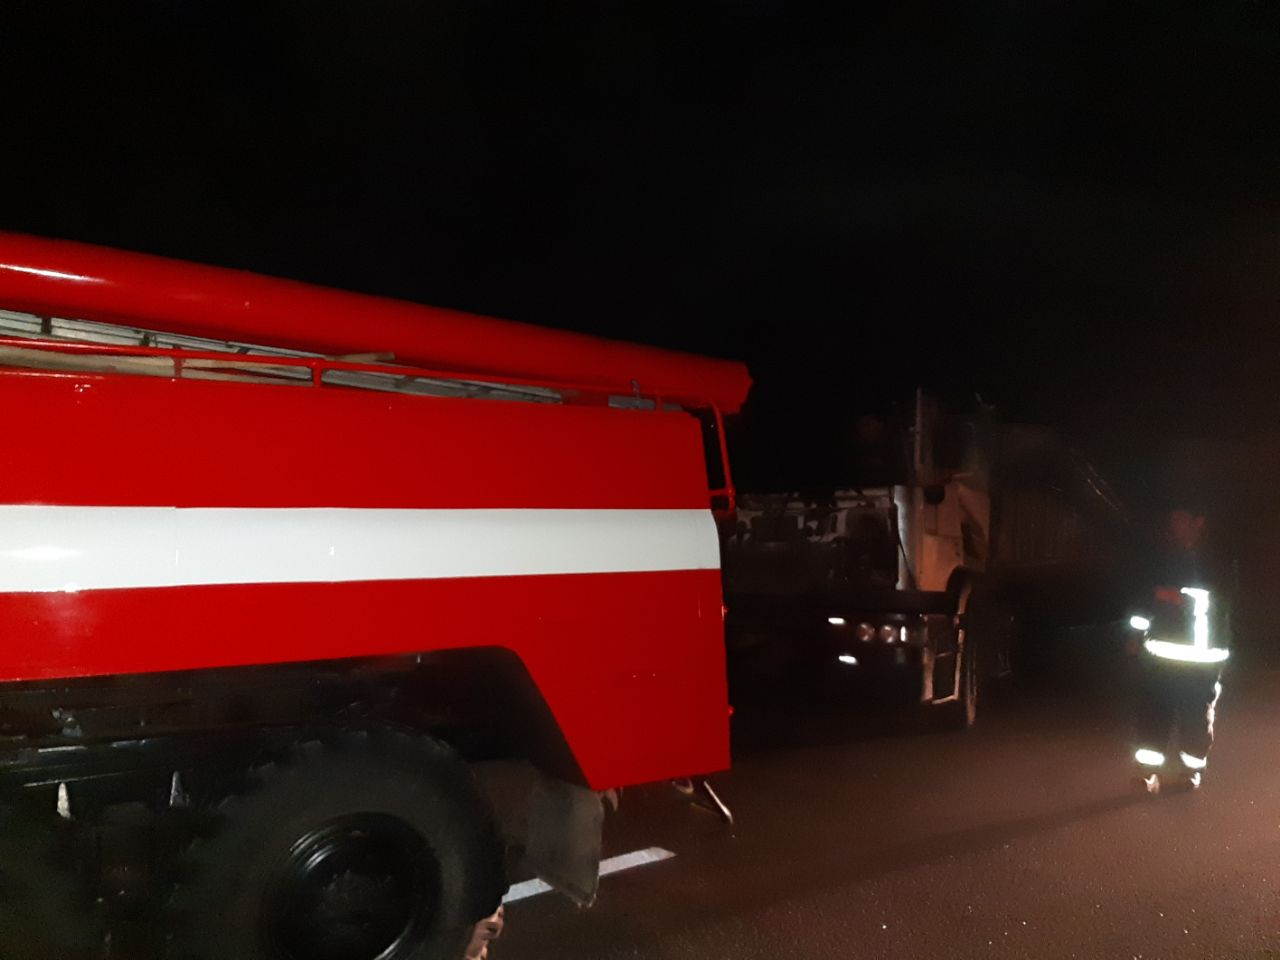 Без Купюр На Кіровоградщині зіткнулися дві вантажівки За кермом  рятувальники новини Кіровоградщина ДТП 2020 рік